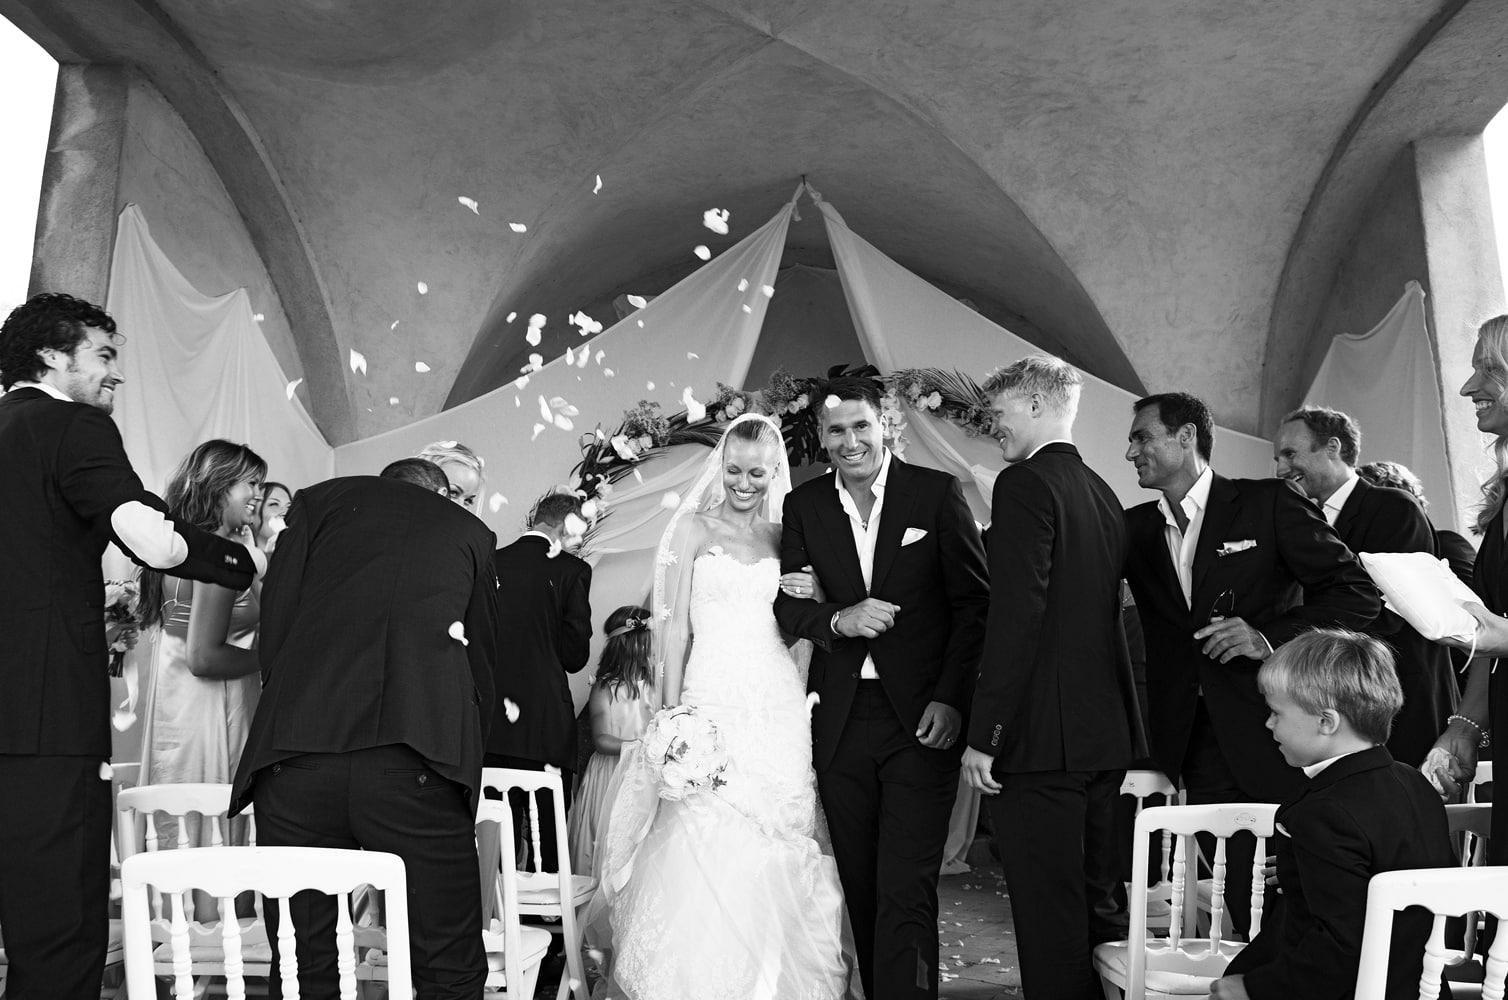 St Tropez Wedding — Sneak Peek